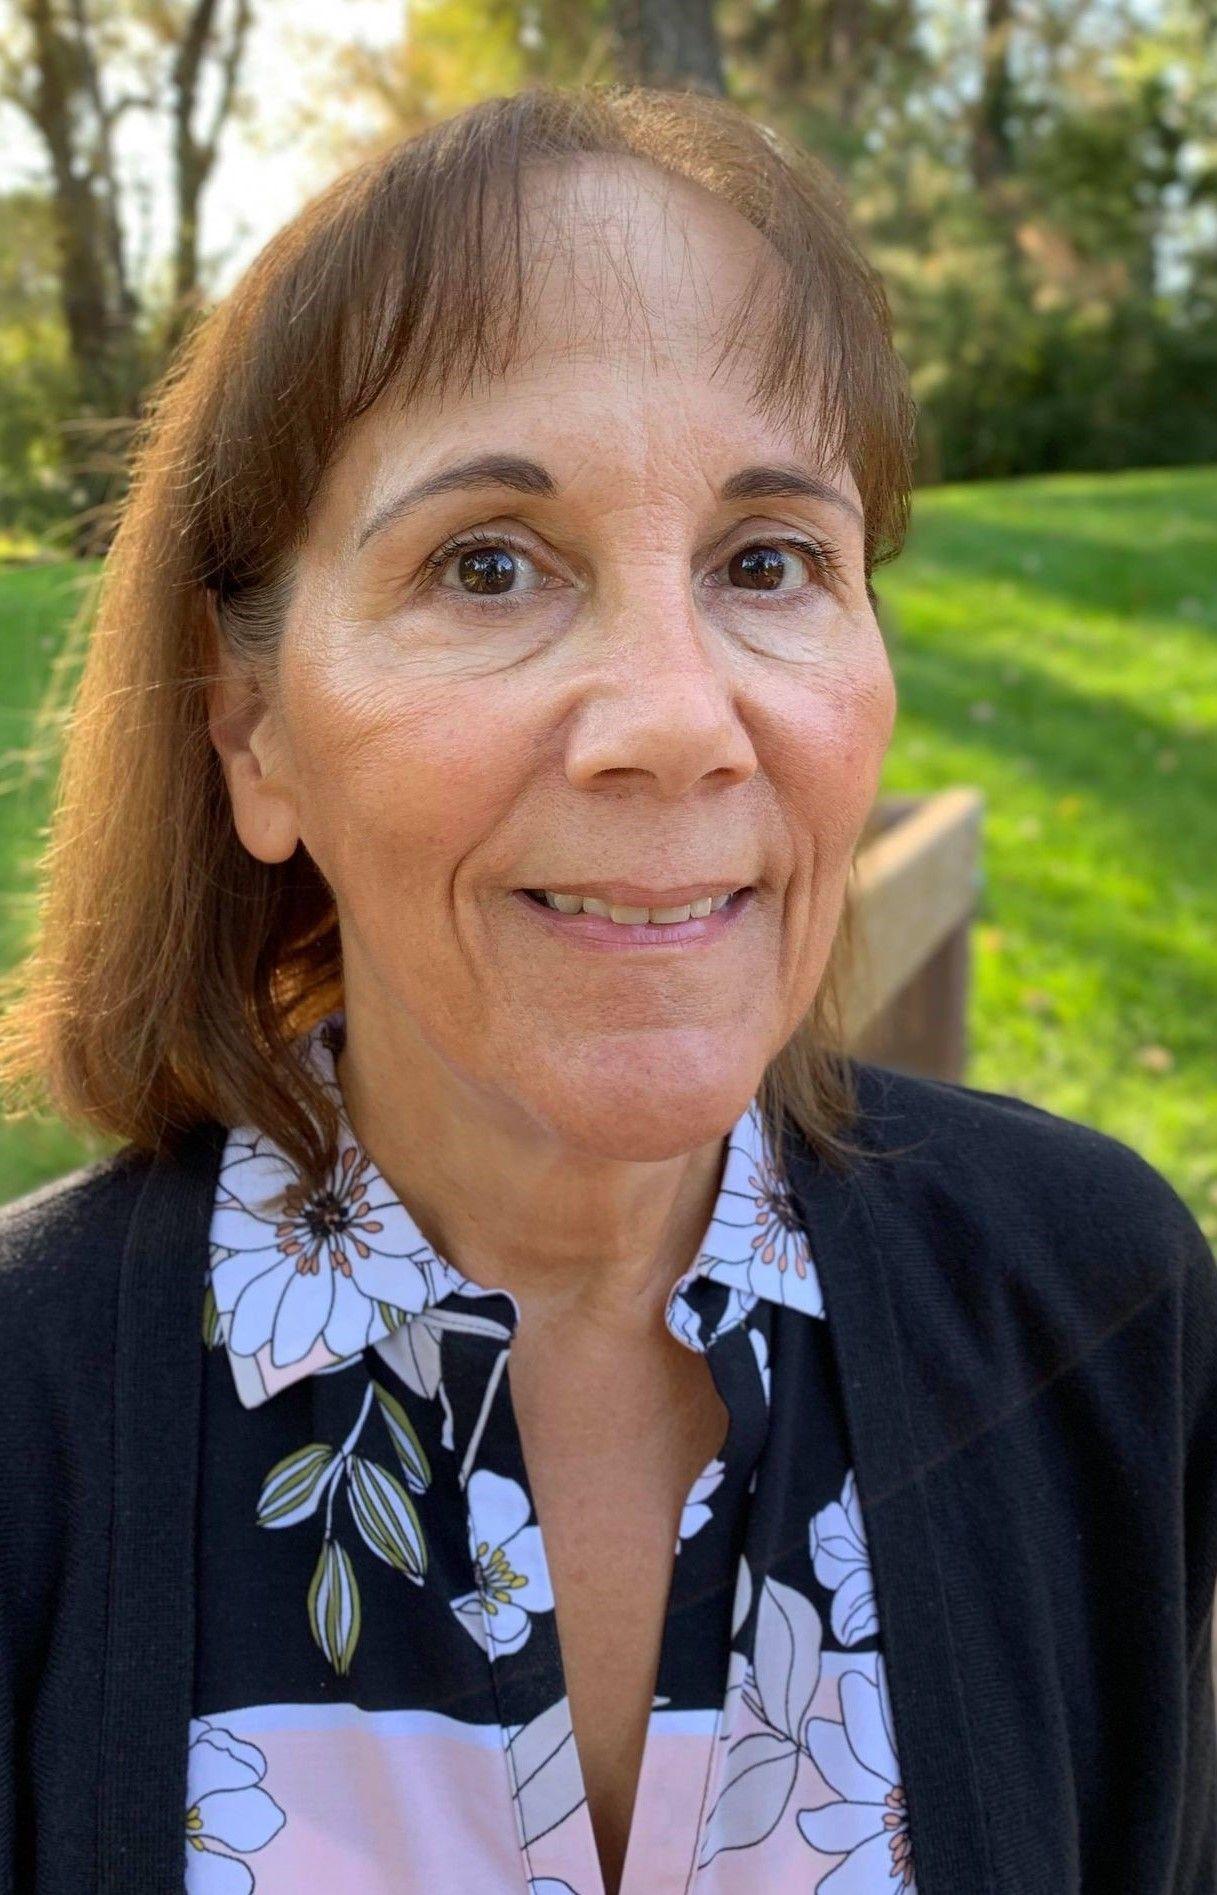 Linda Pocsik